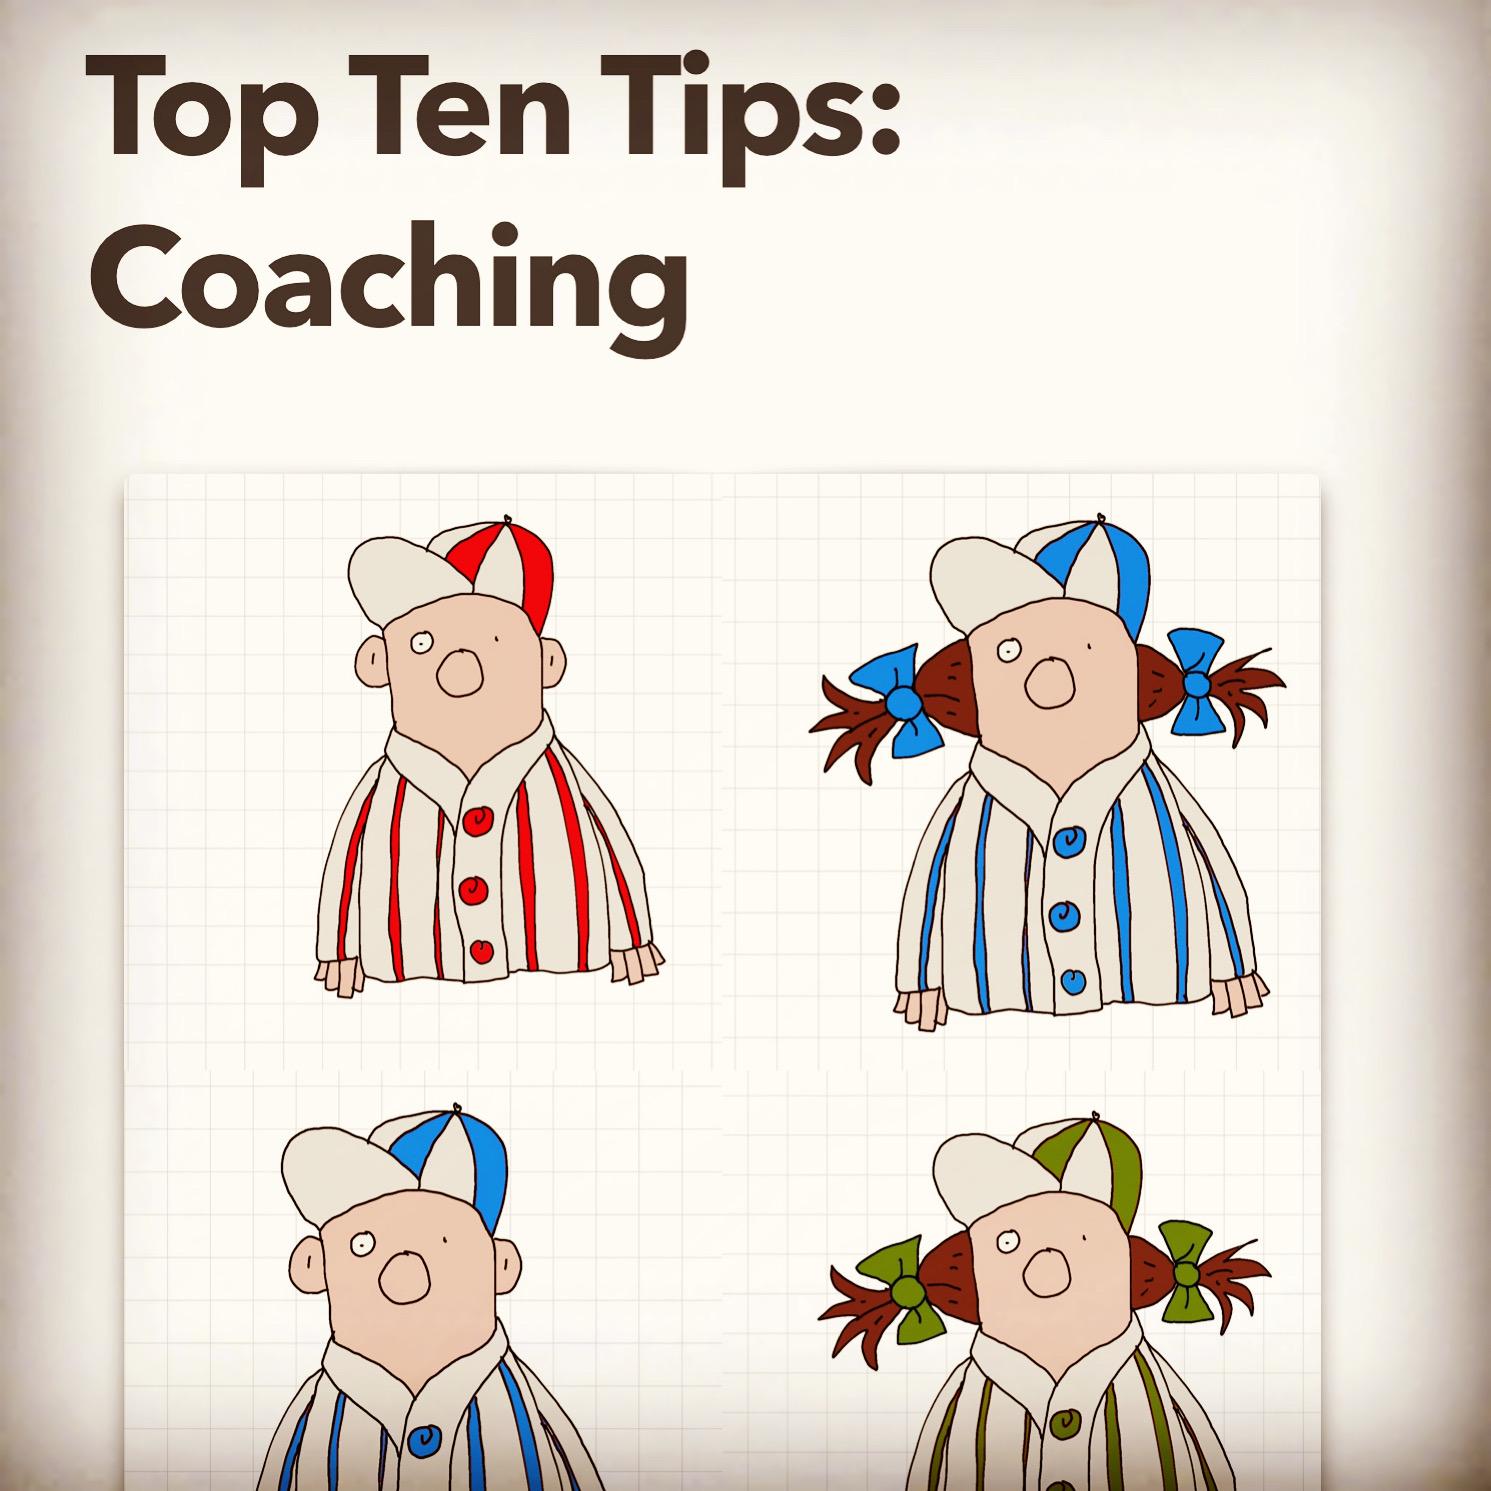 Top Ten Tips: coaching